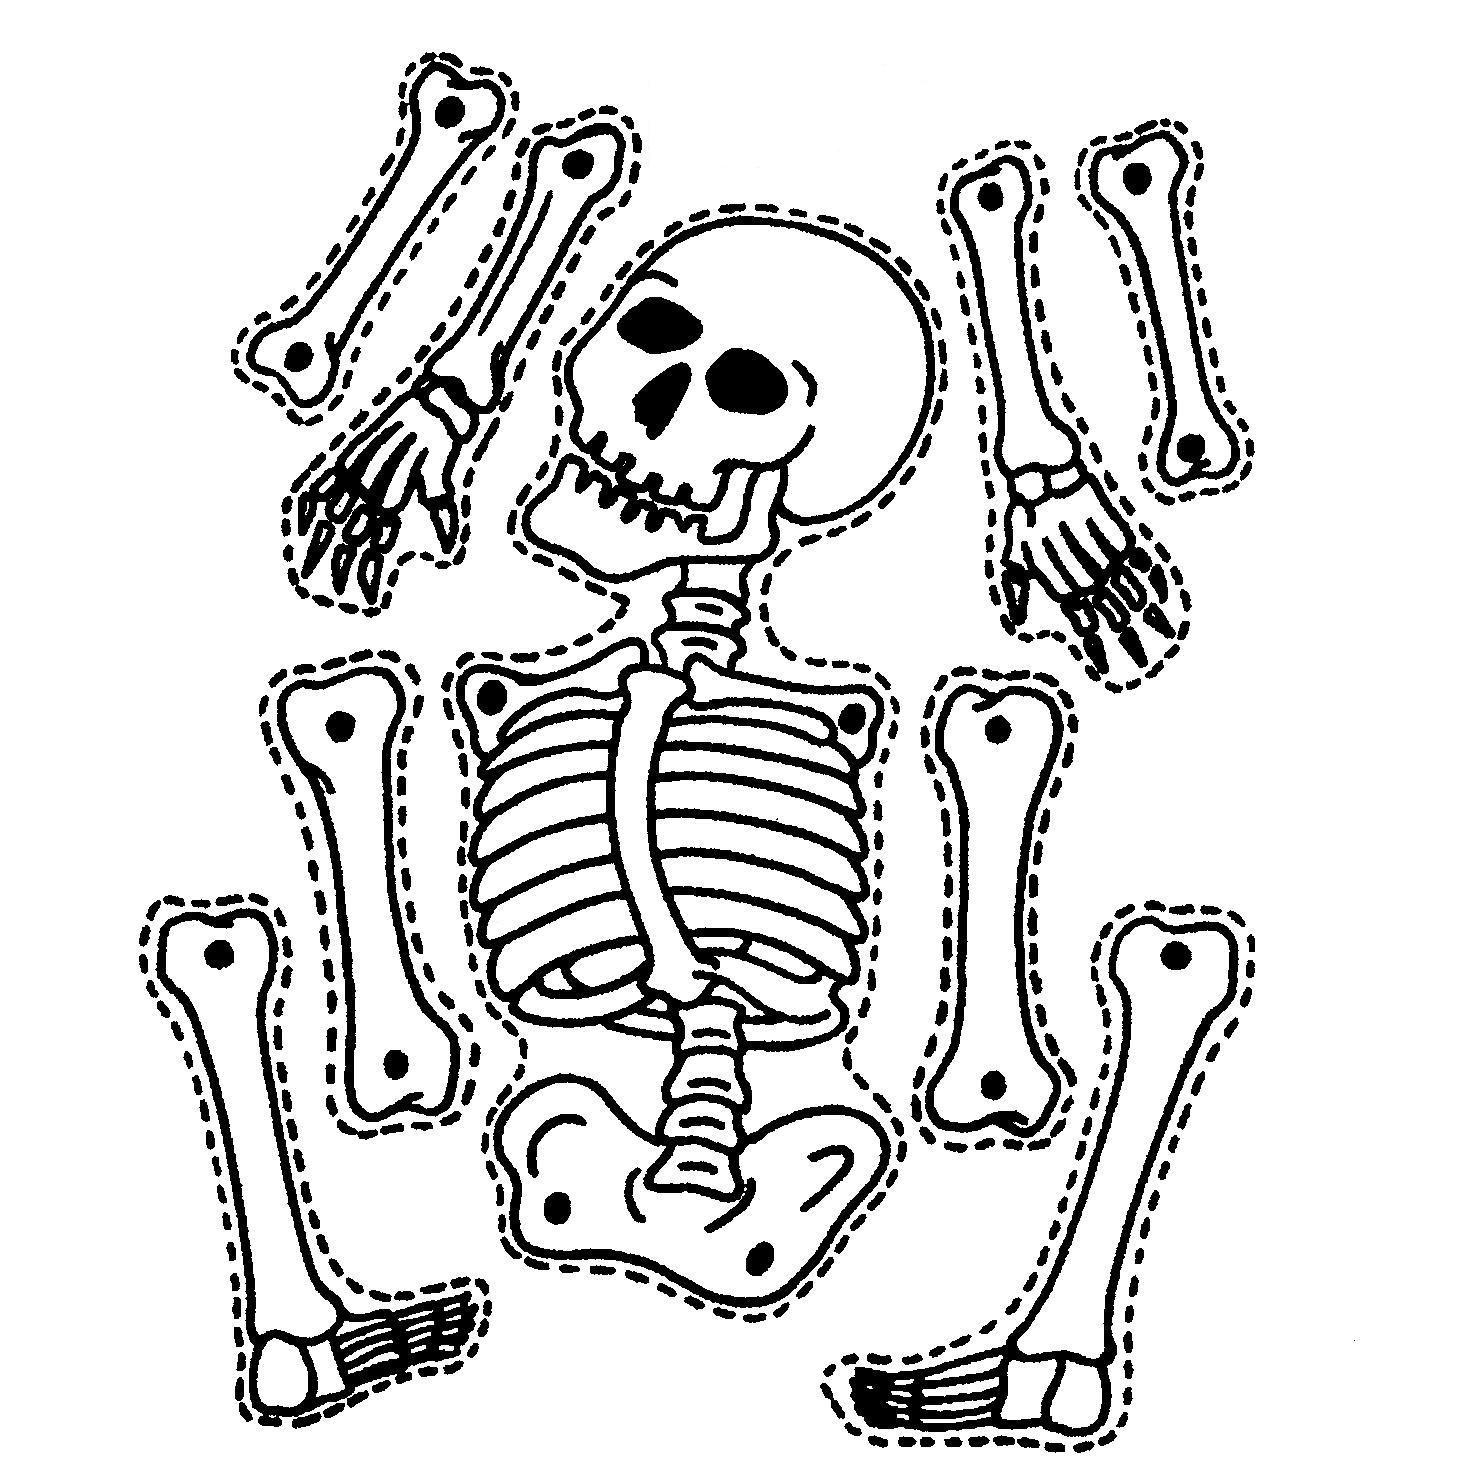 z00 mechanicalskeleton skeleton template skeleton craft halloween activities halloween themes happy halloween  [ 1481 x 1484 Pixel ]